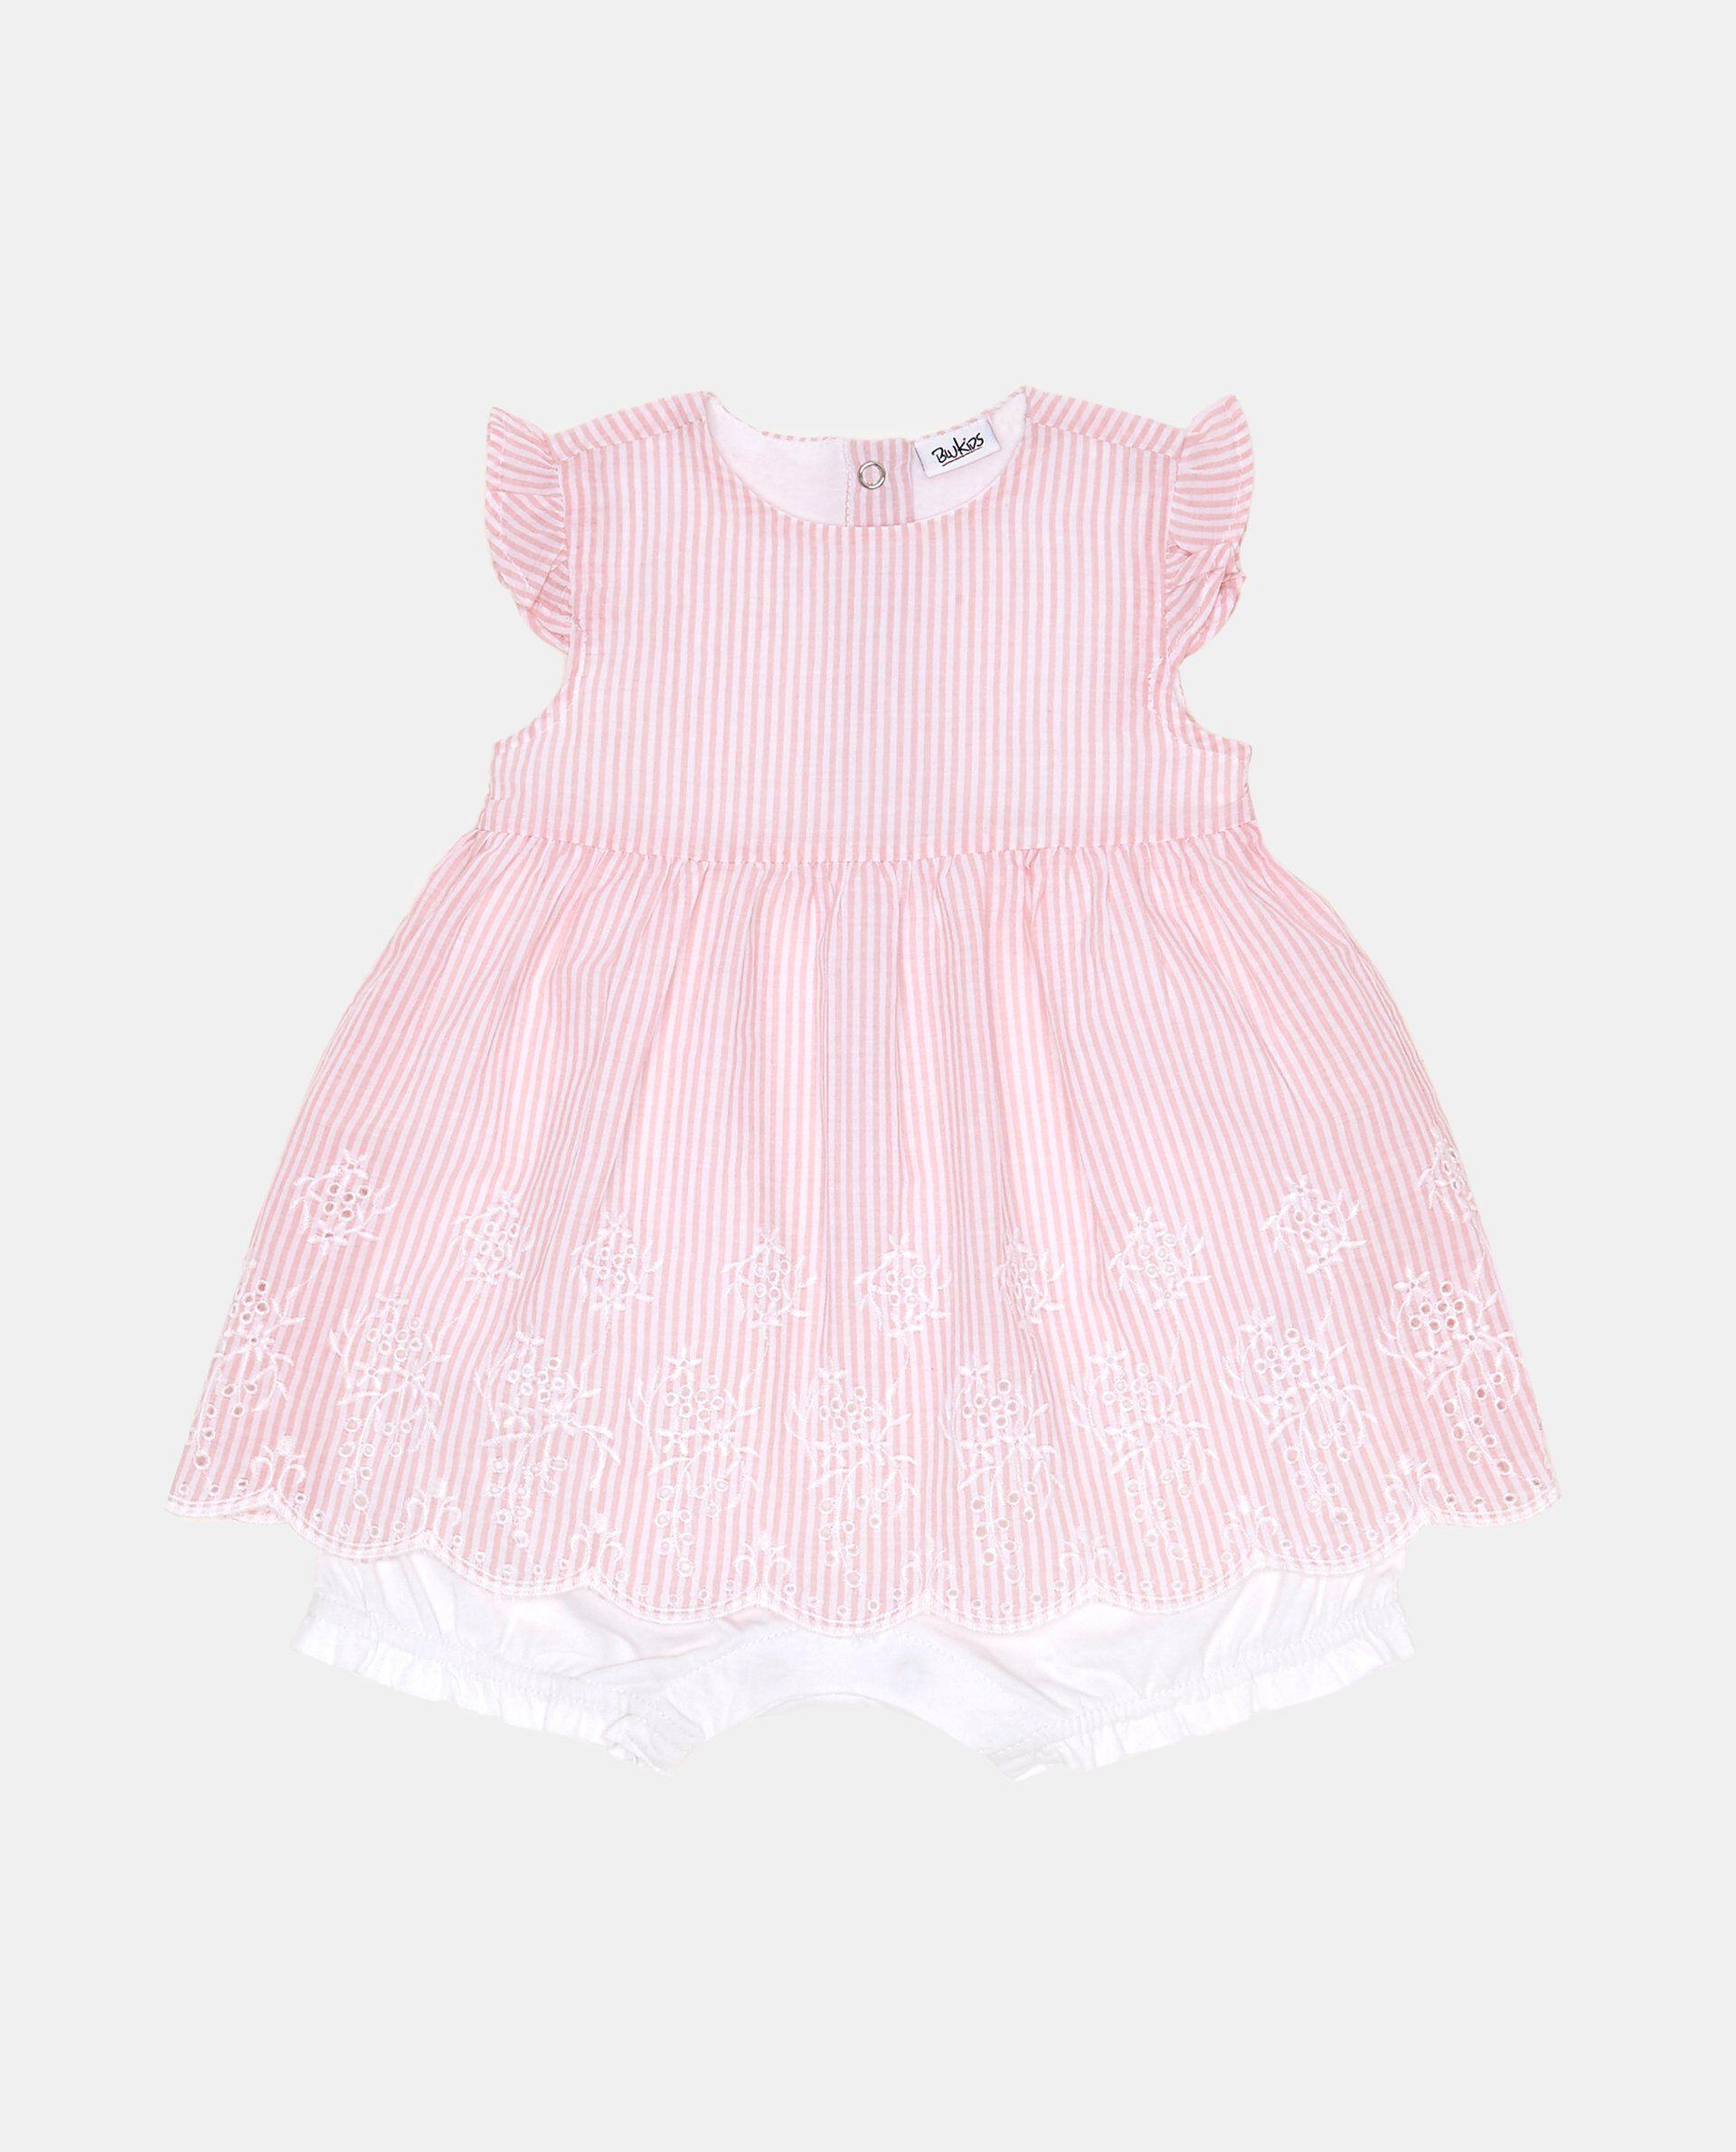 Vestitino a righe rosa con ricami